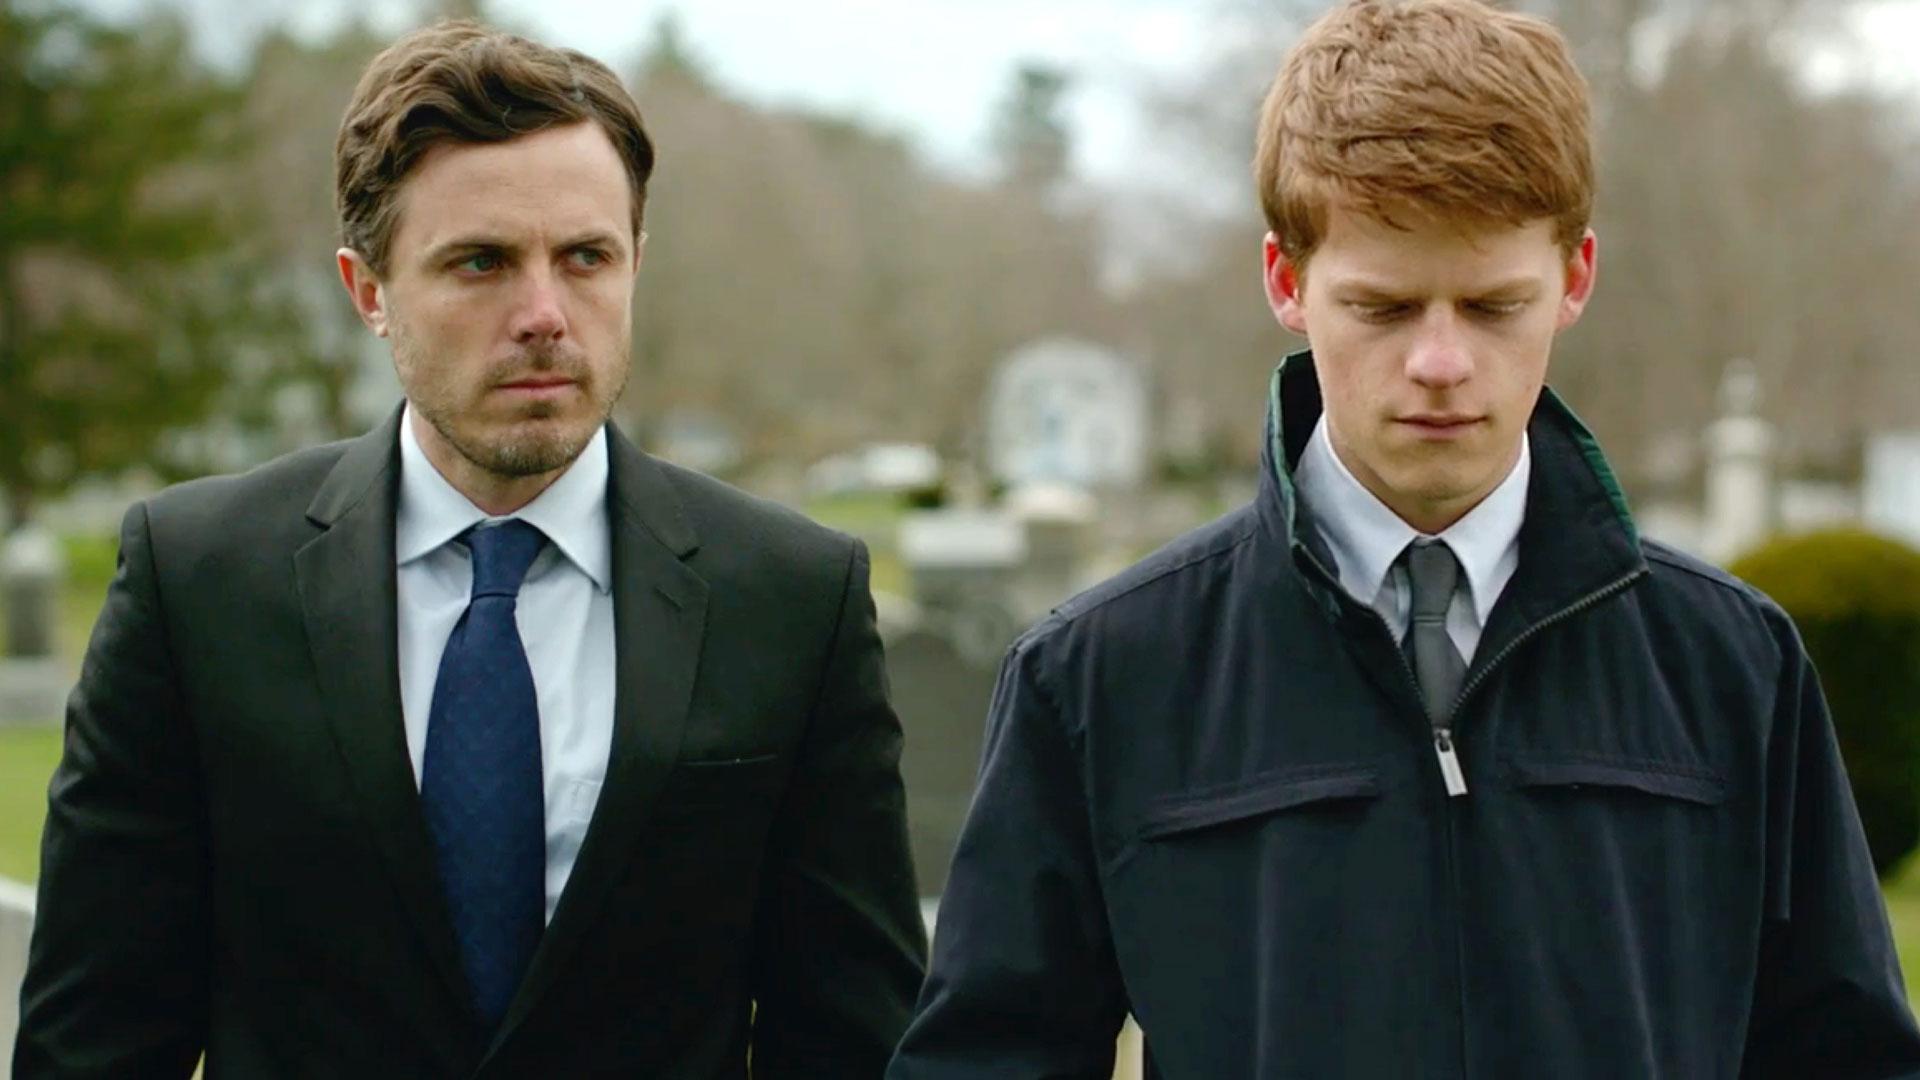 """La paternidad es un tema clave de esa película conmovedora que es """"Manchester by the Sea""""."""